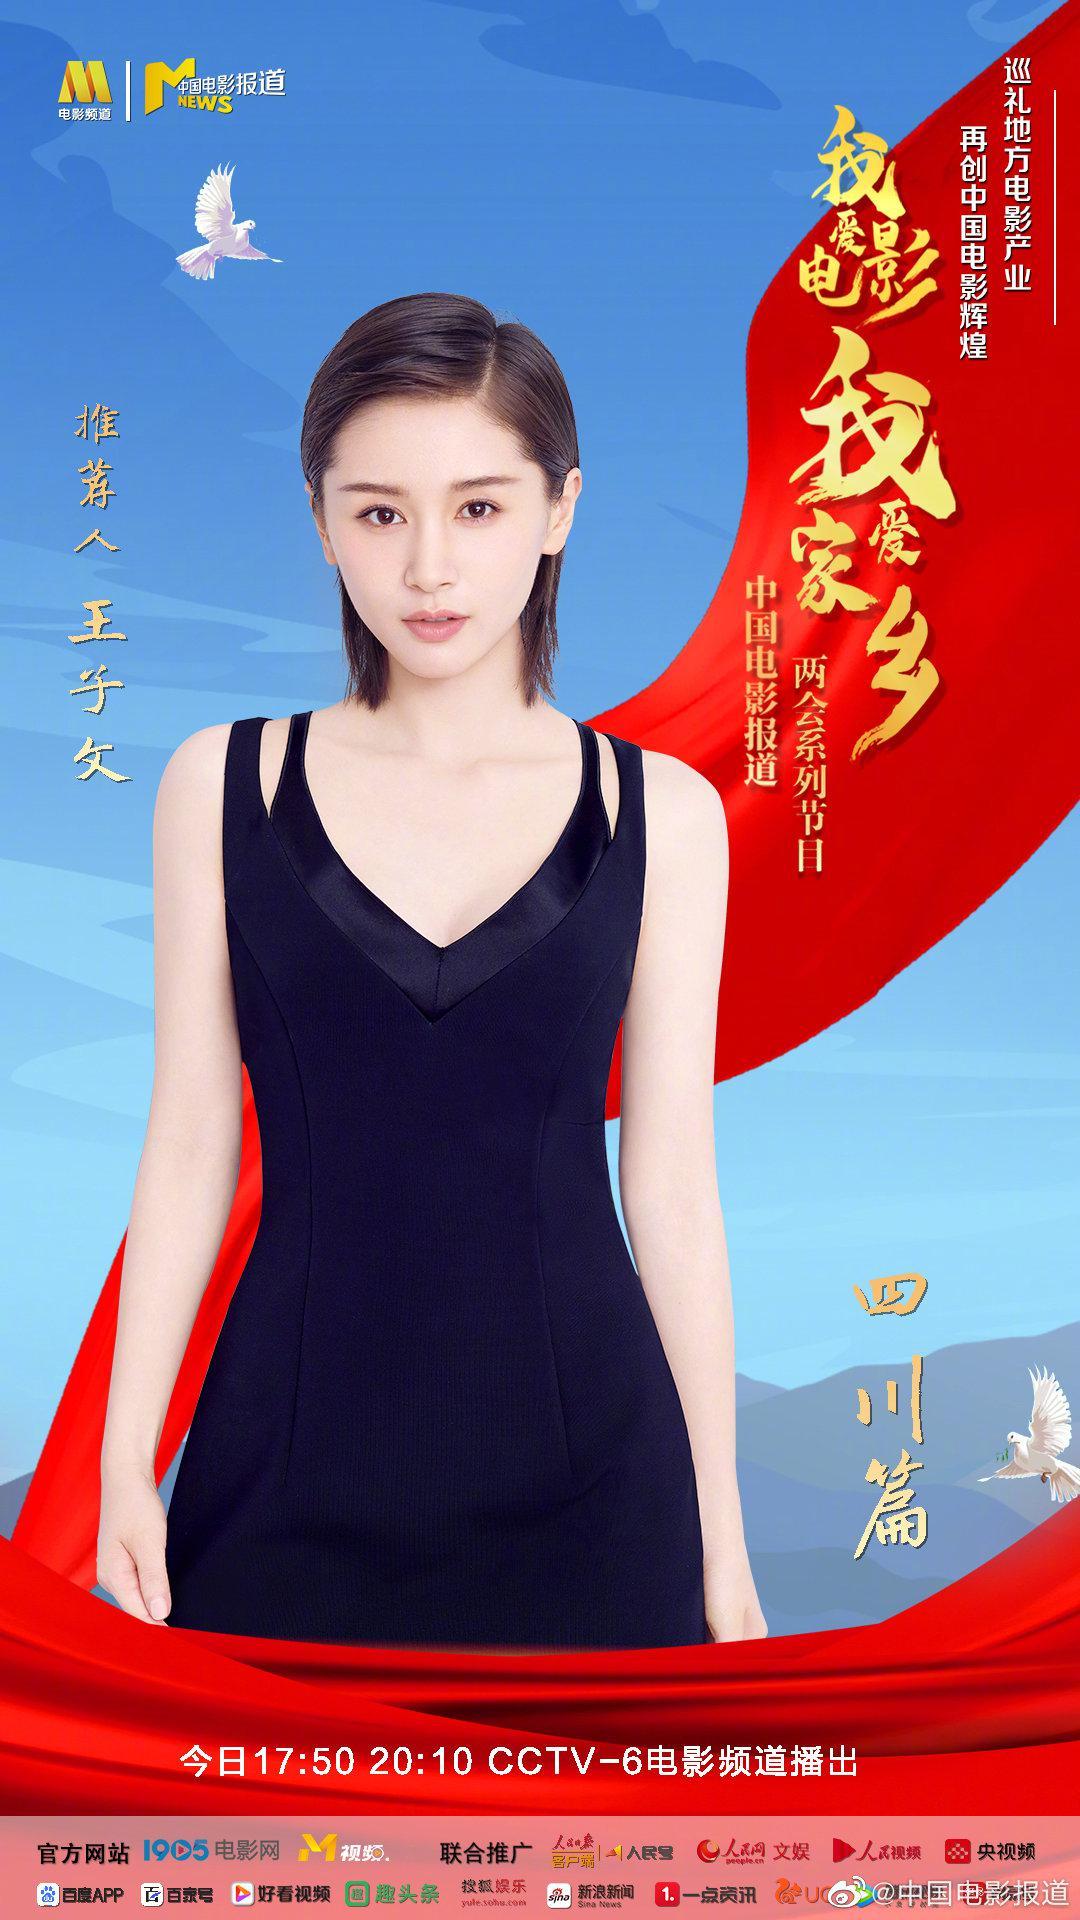 今日17:50、 20:10 CCTV-6电影频道播出《中国电影报道》特别节目